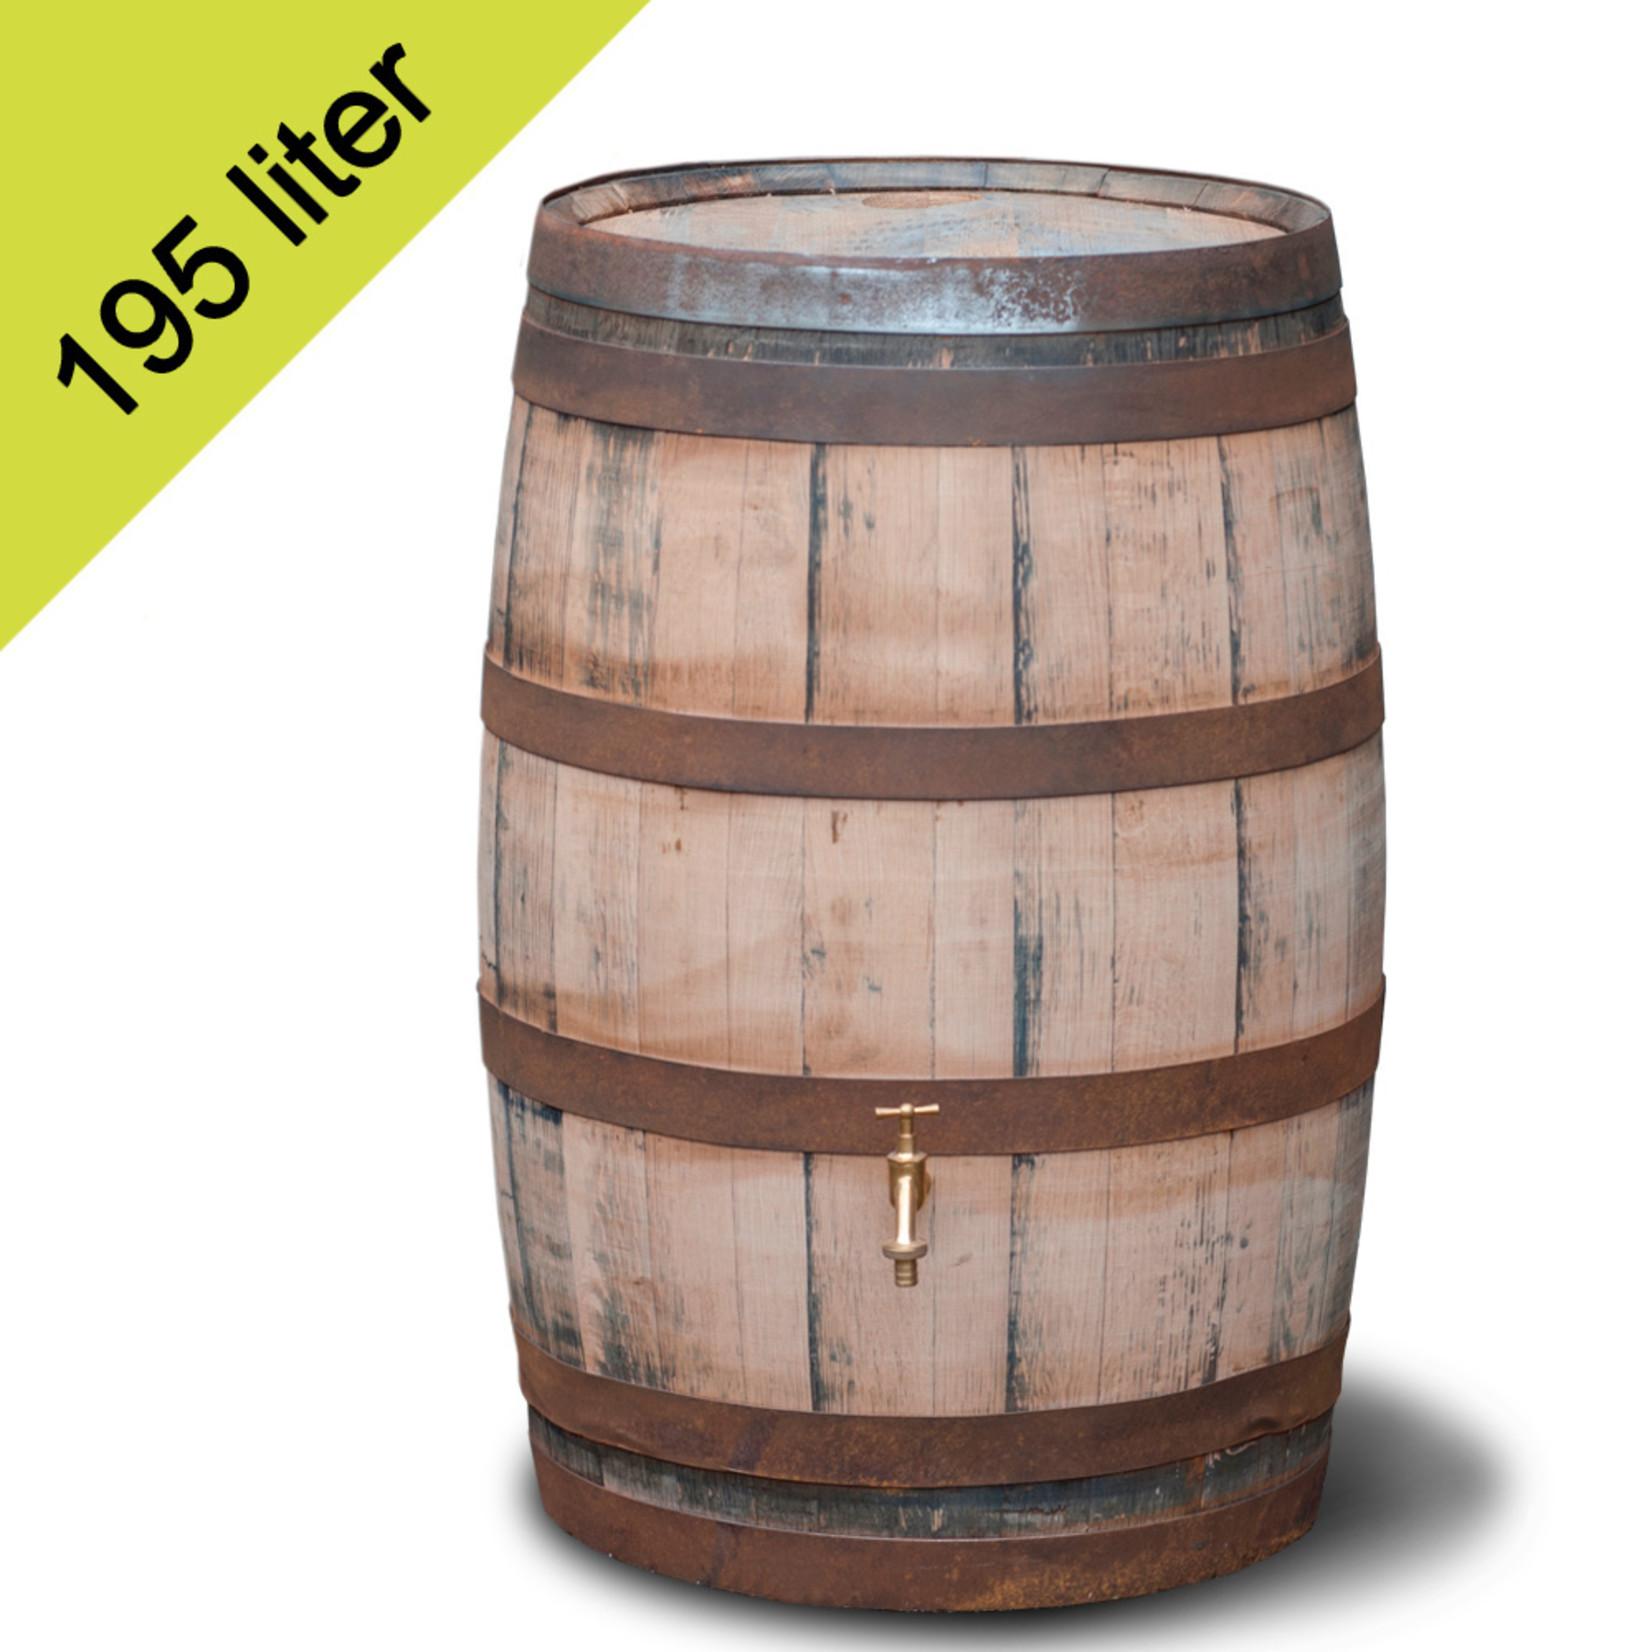 Meuwissen Agro Ton Whiskey 195 liter hergebruik GESCHUURD